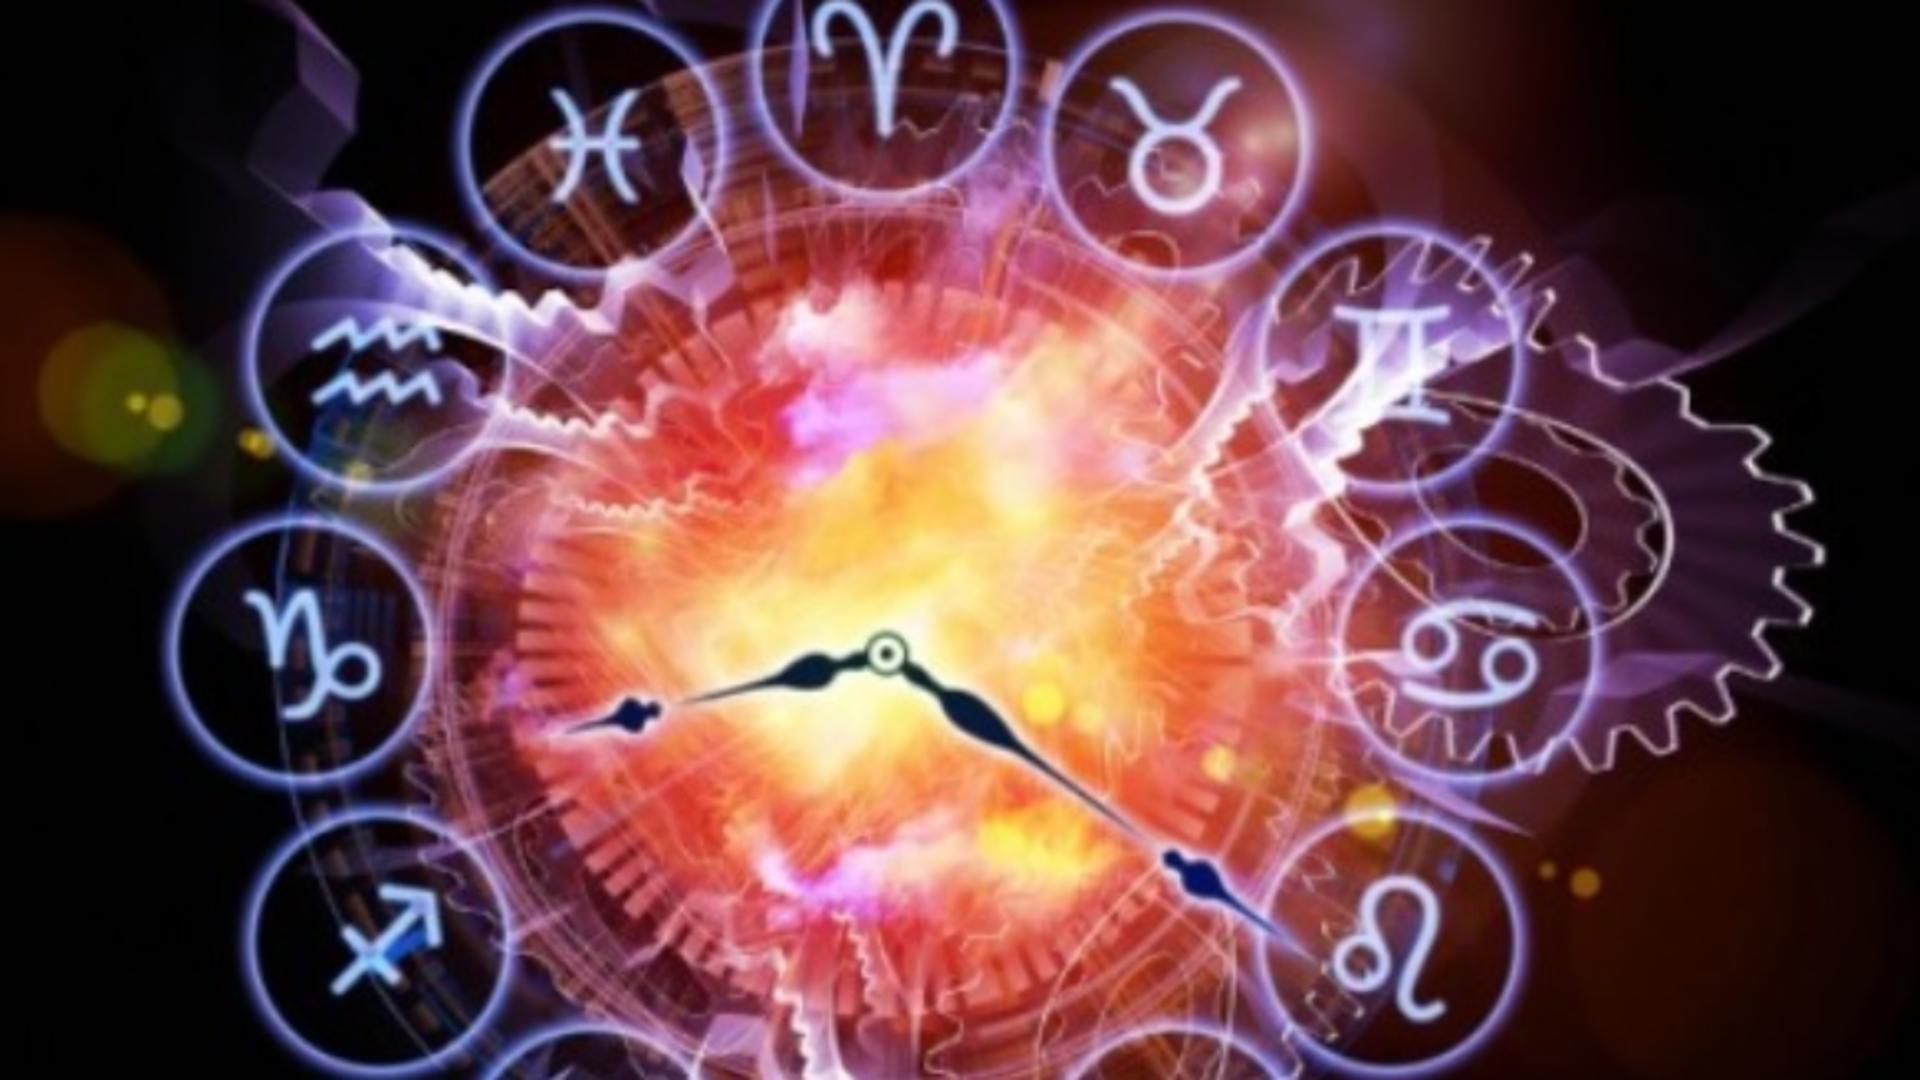 Nativul din horoscop care este avocatul diavolului